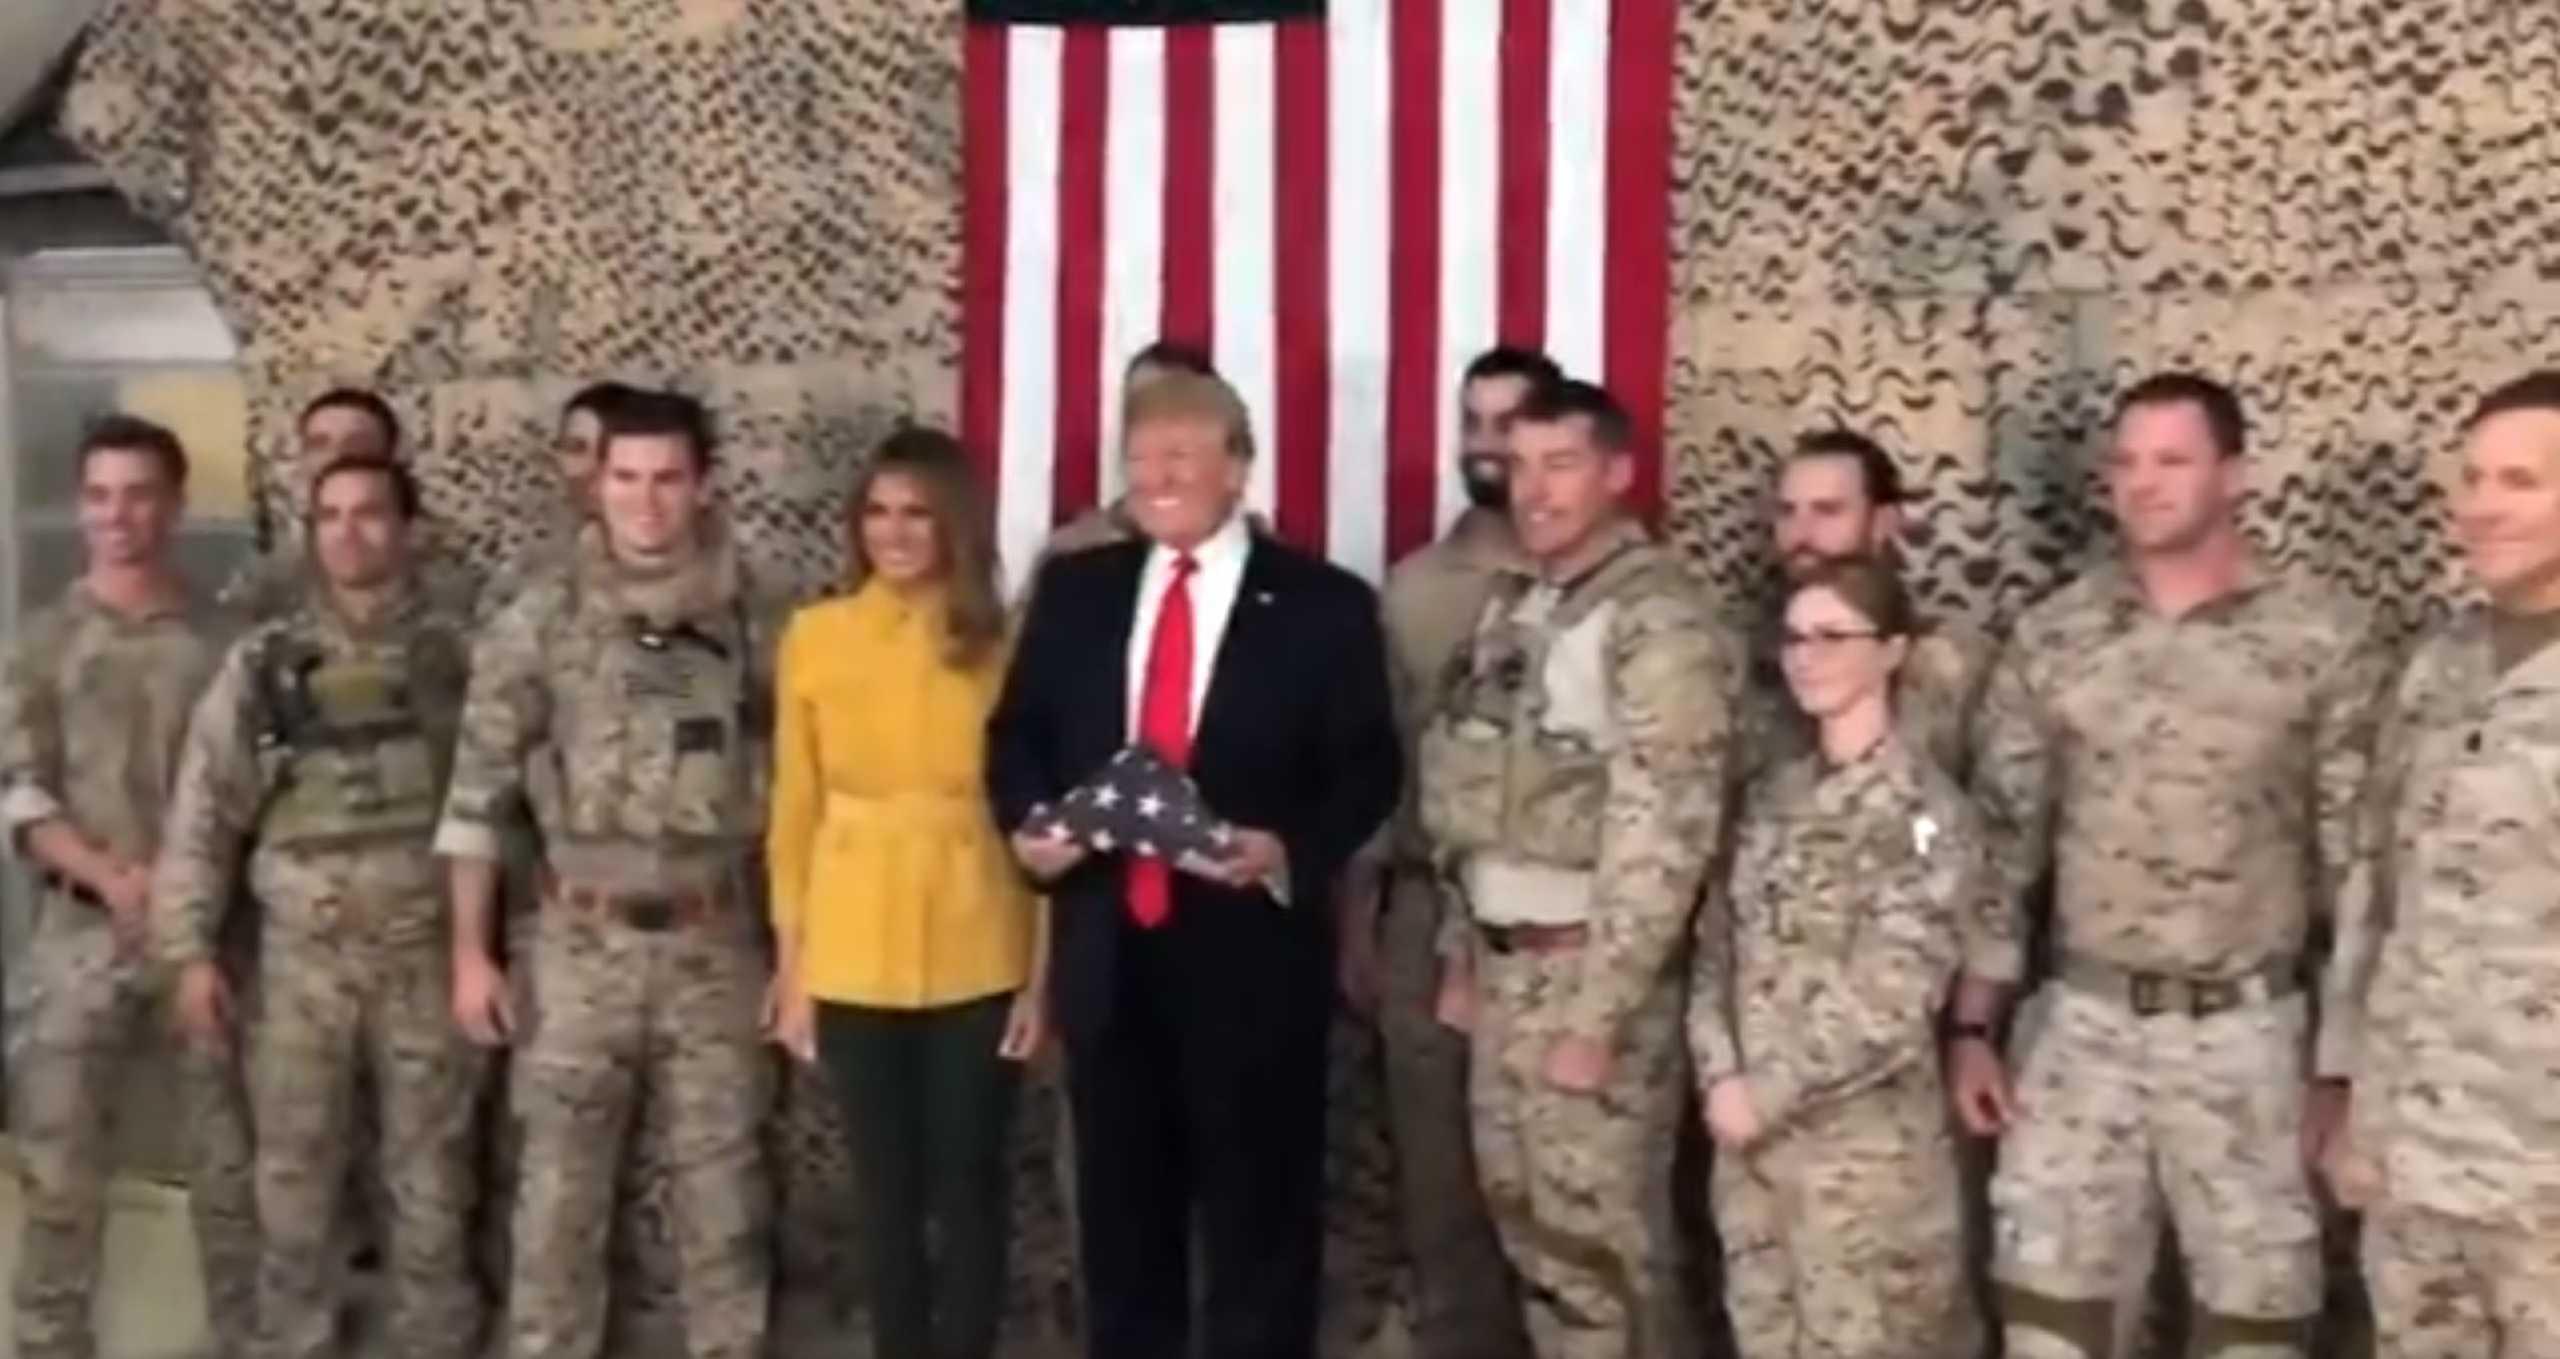 Trump quebra protocolo e revela localização e identidade de tropas